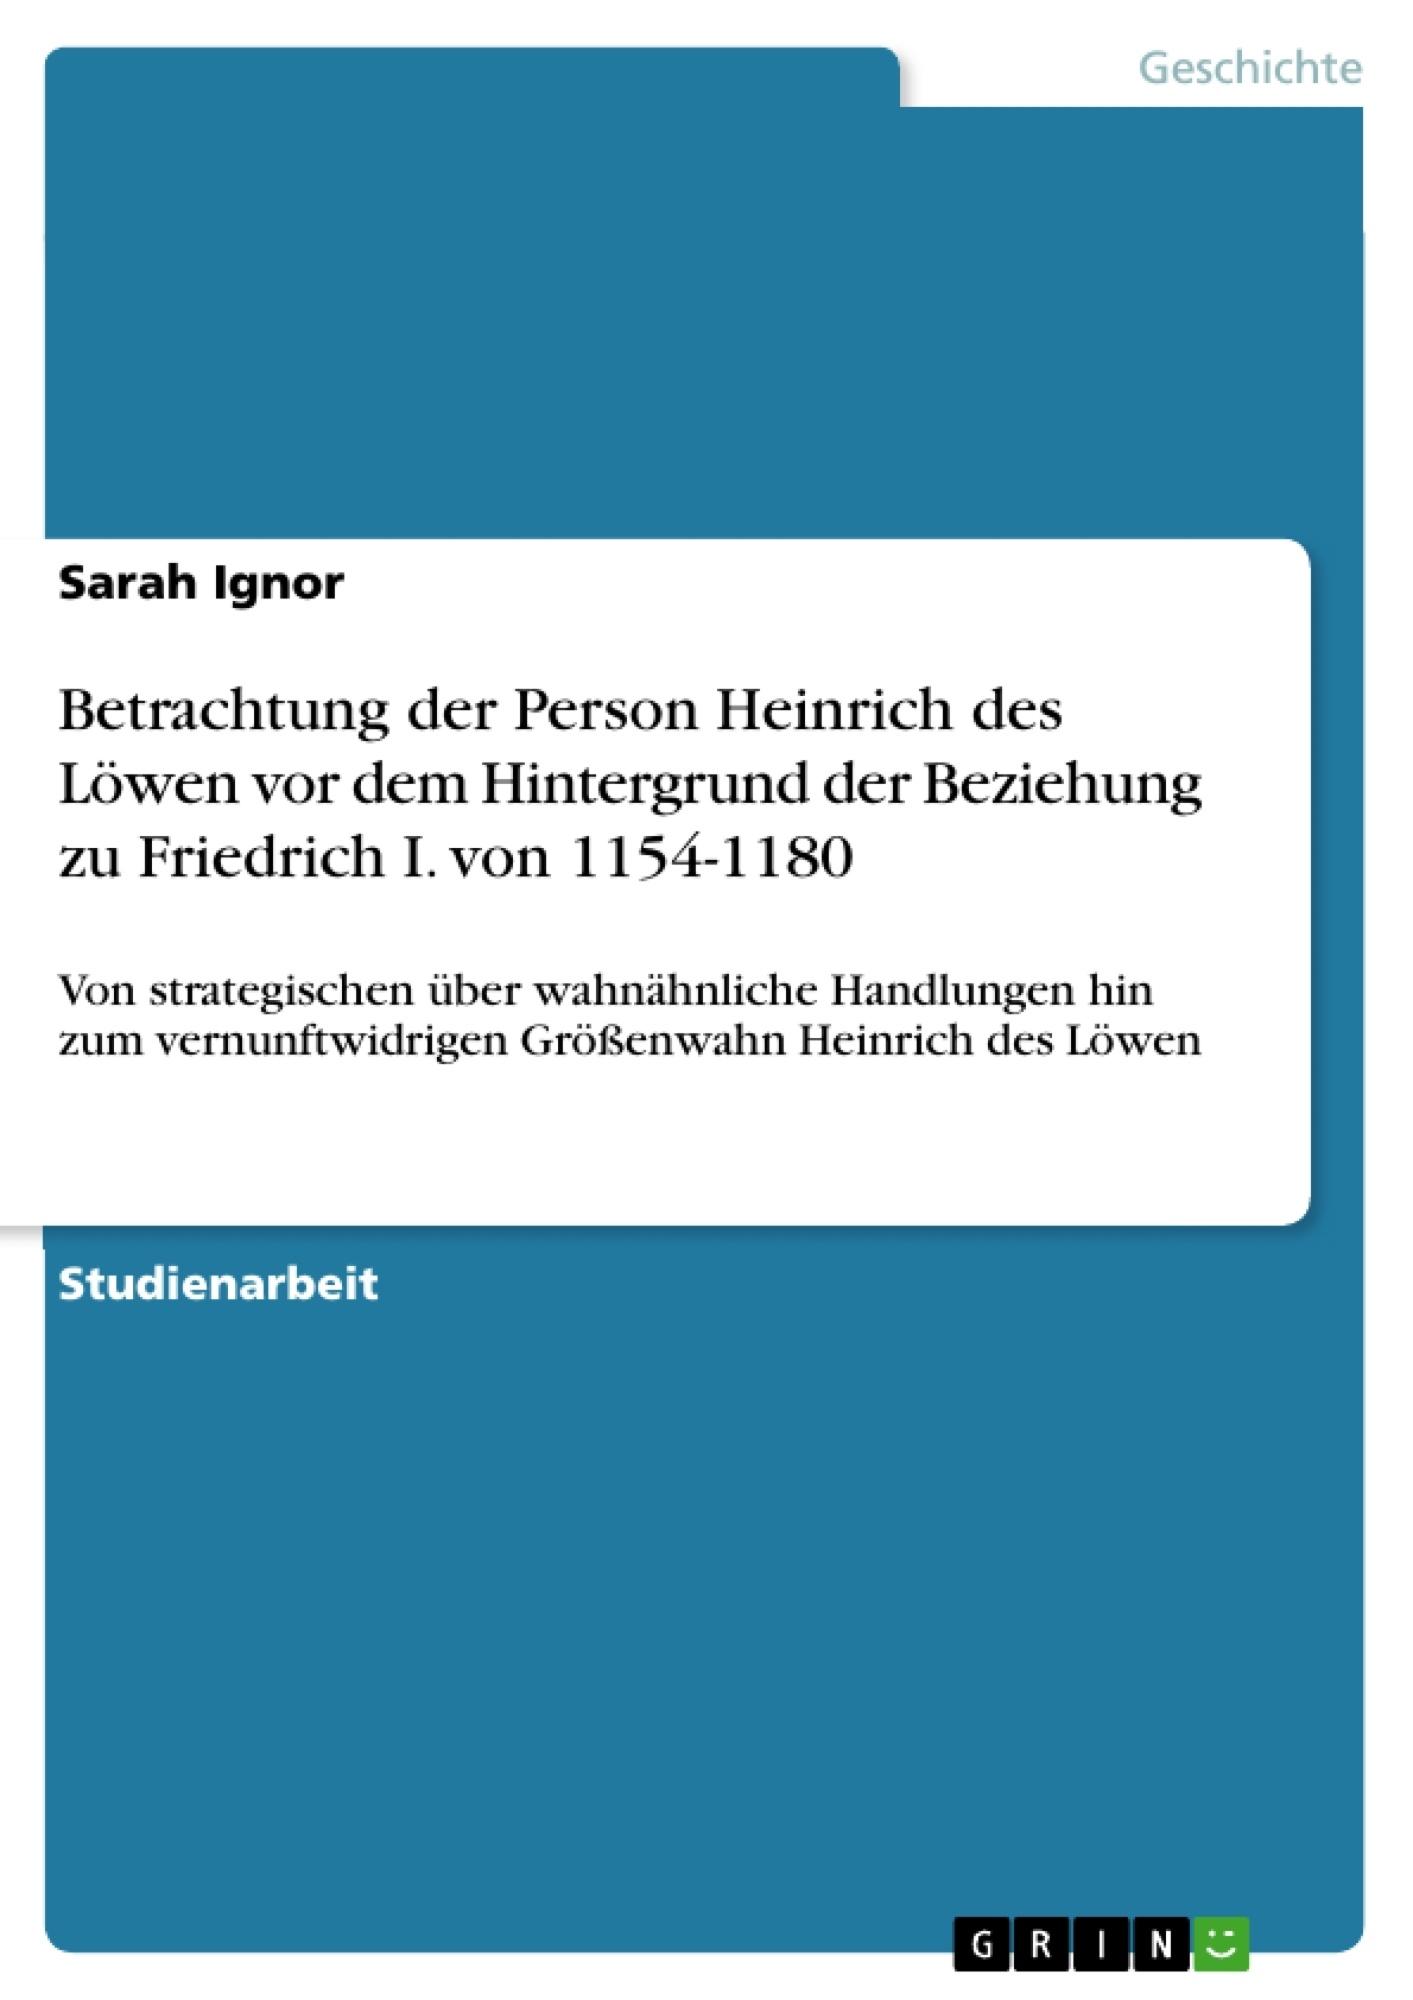 Titel: Betrachtung der Person Heinrich des Löwen vor dem Hintergrund der Beziehung zu Friedrich I. von 1154-1180